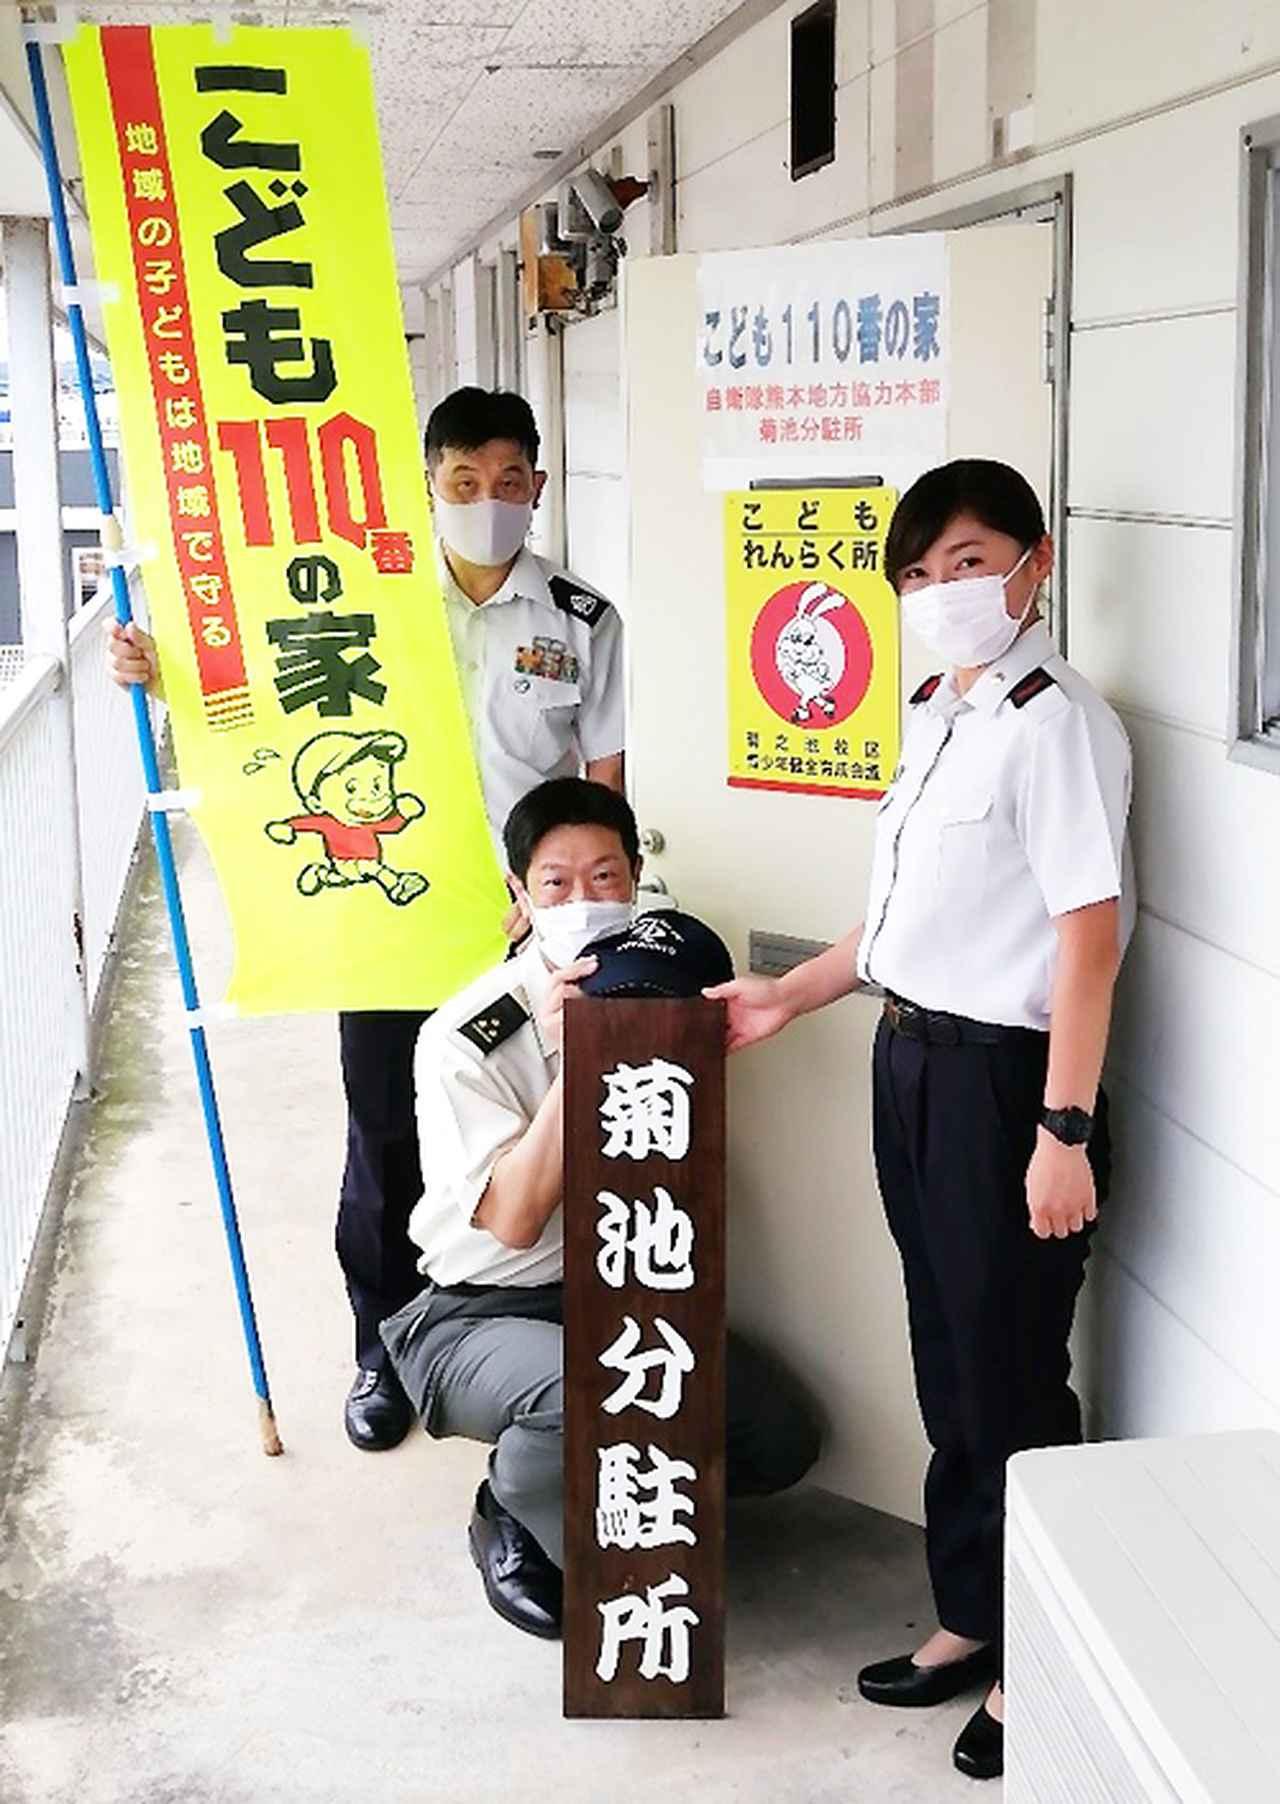 画像2: 地域児童を見守り 菊池分駐所が「こども110番の家」に|熊本地本